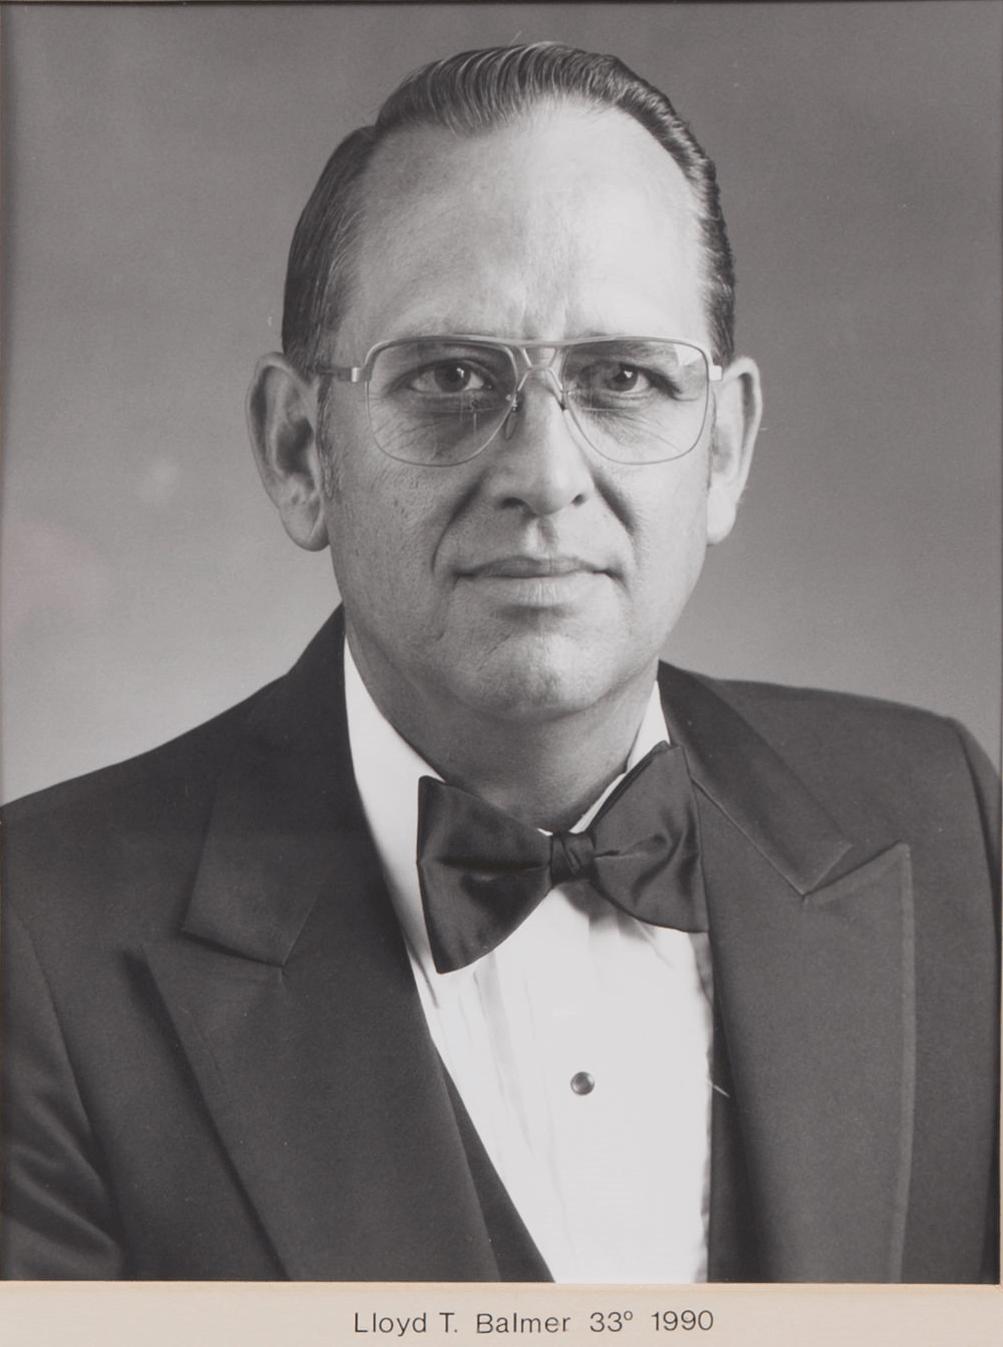 Lloyd T Balmer